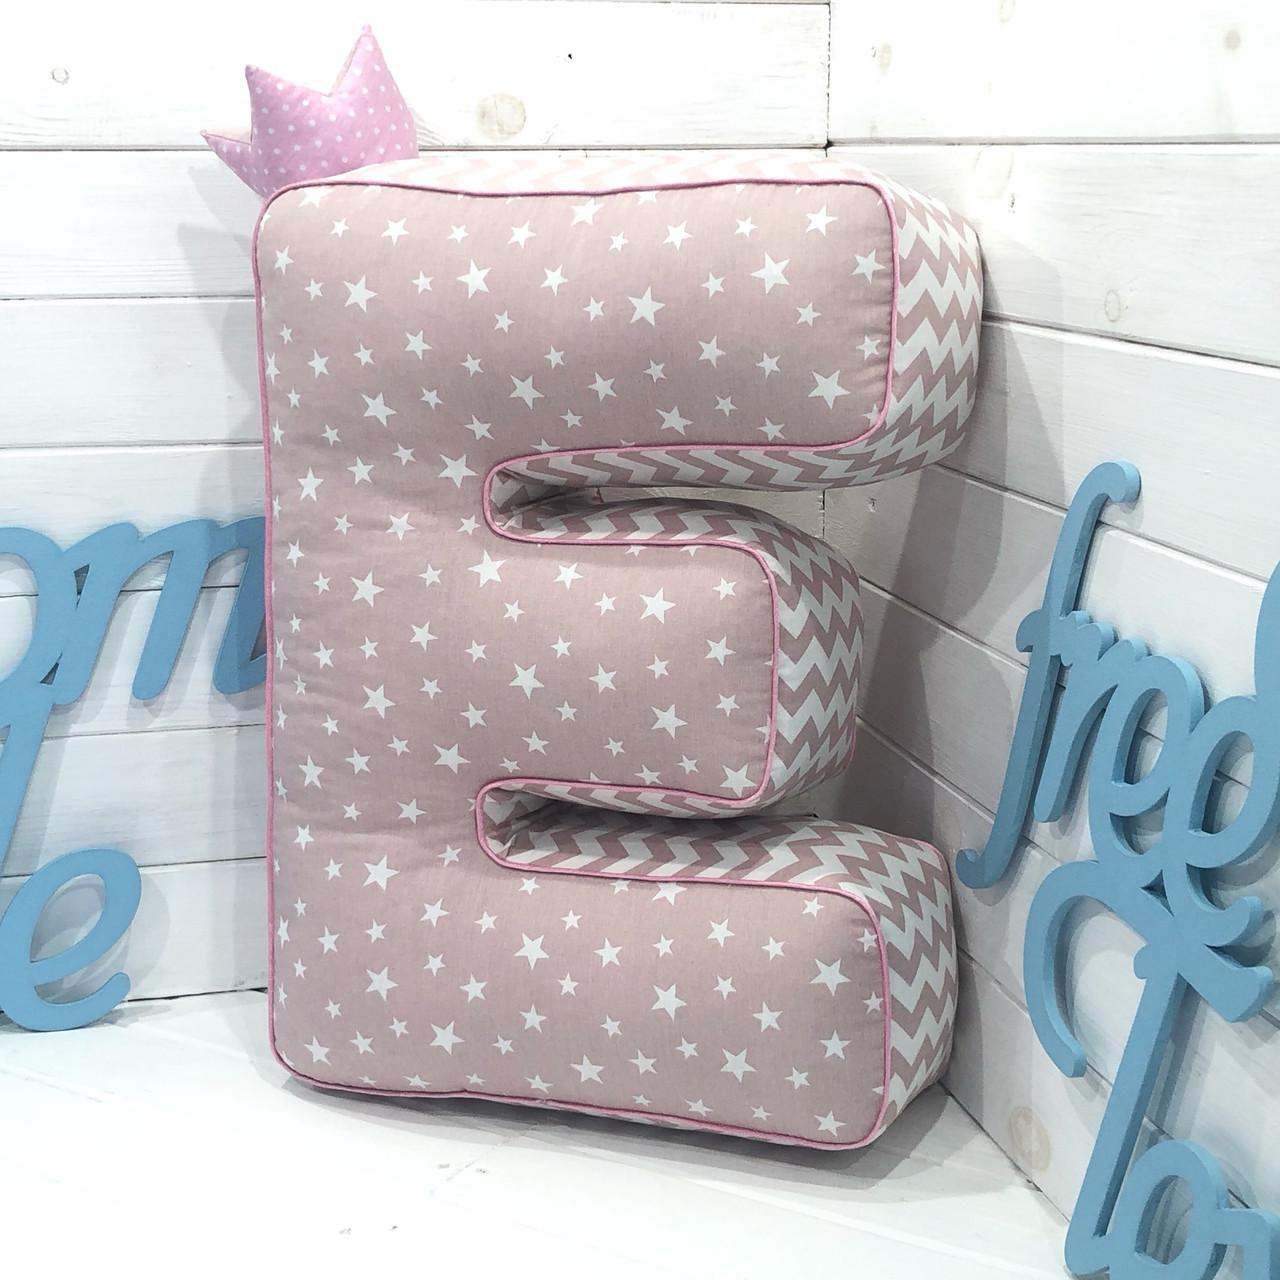 dc02e3f31c68 Большая именная буква-подушка - Интернет-магазин